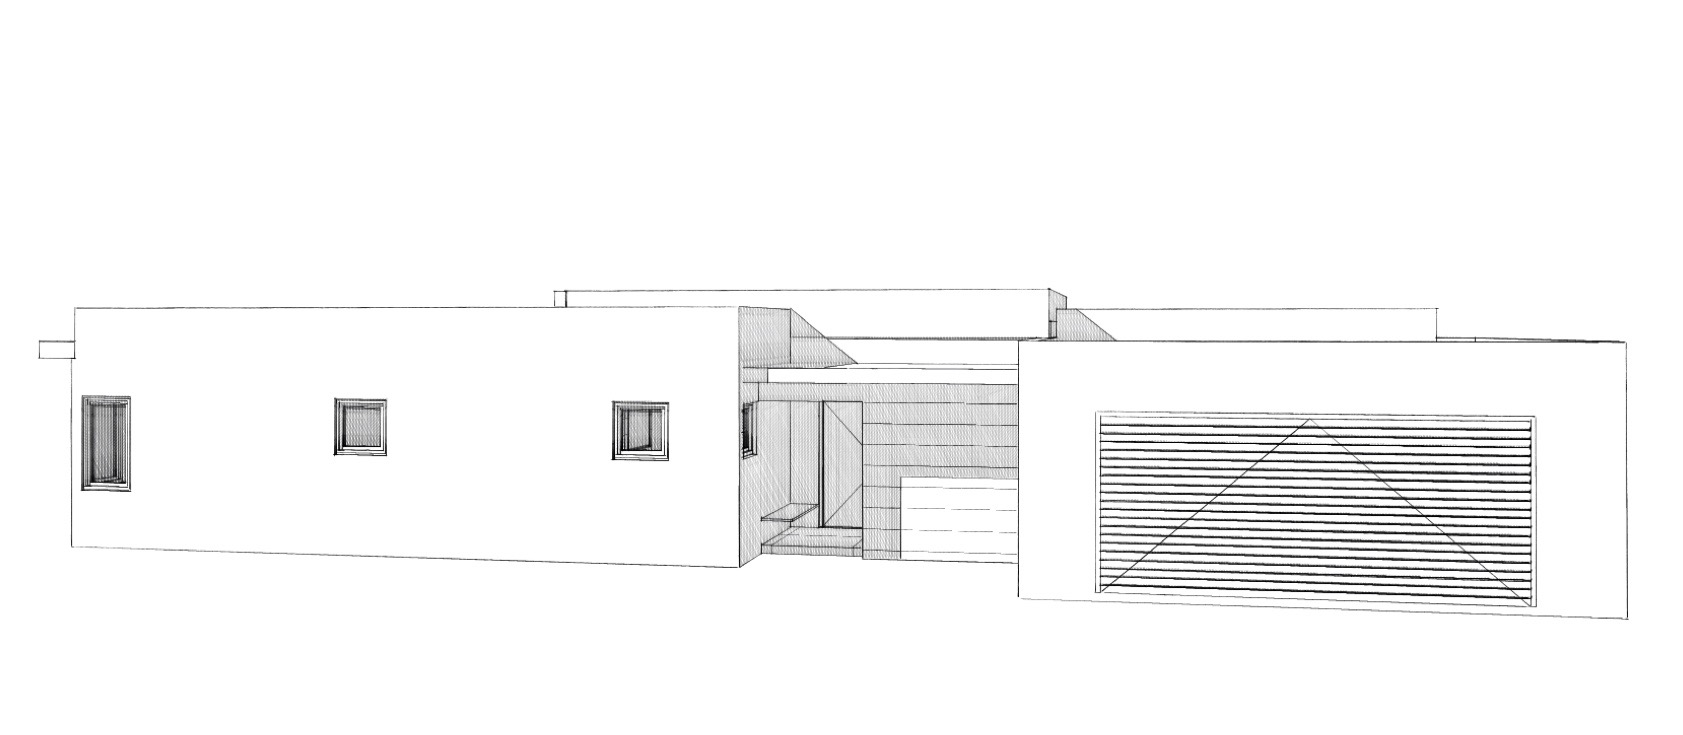 100K HOUSE 11-28-12  GARAGE VARIATION-NORTH SIDE Picture # 2.jpg